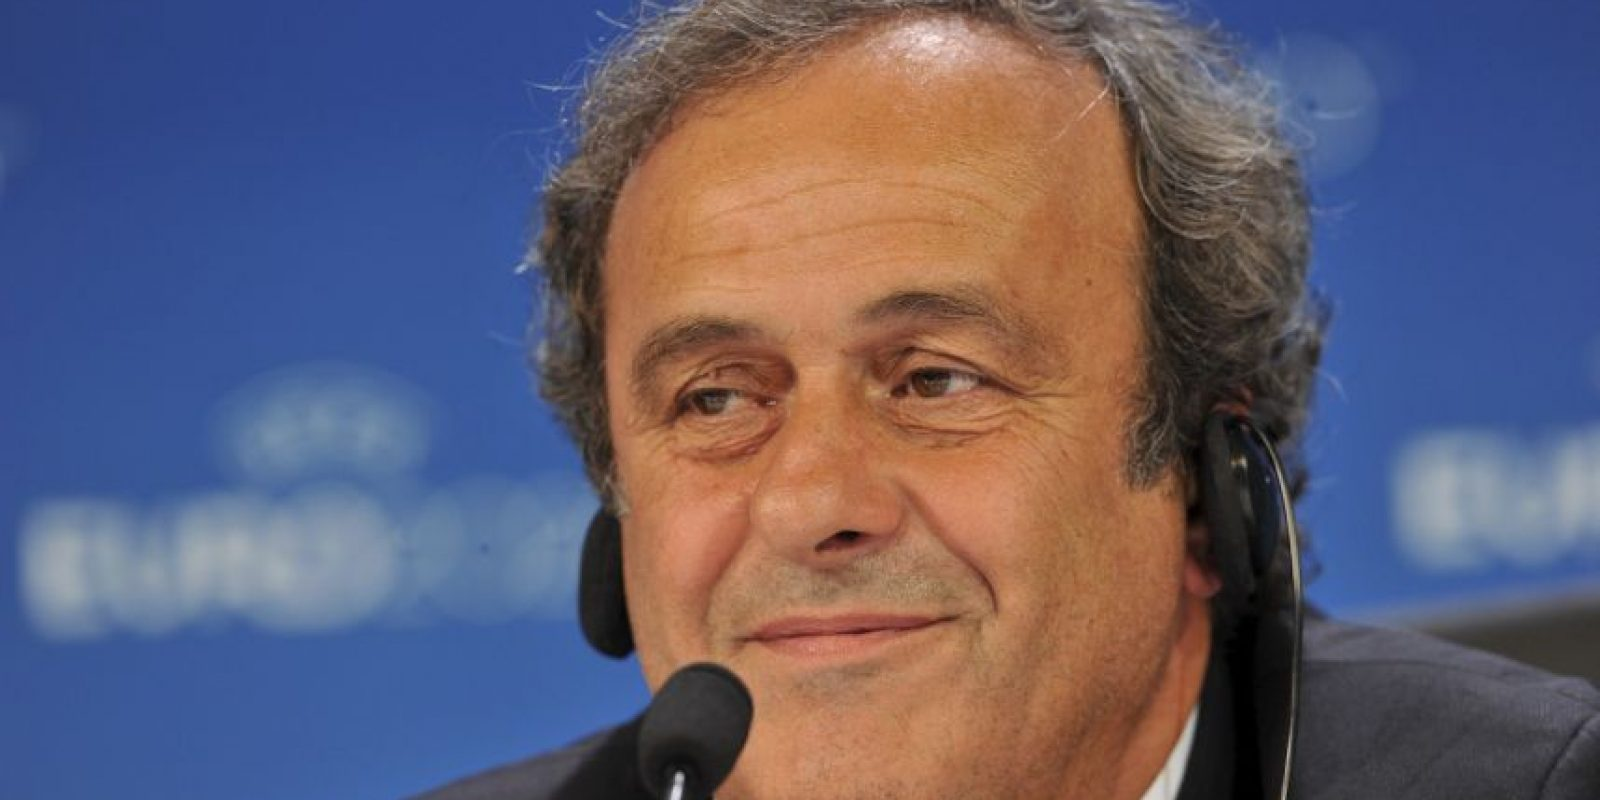 El presidente de la UEFA, Michel Platini, ha mencionado varias propuestas para cambiar el balompié Foto:Getty